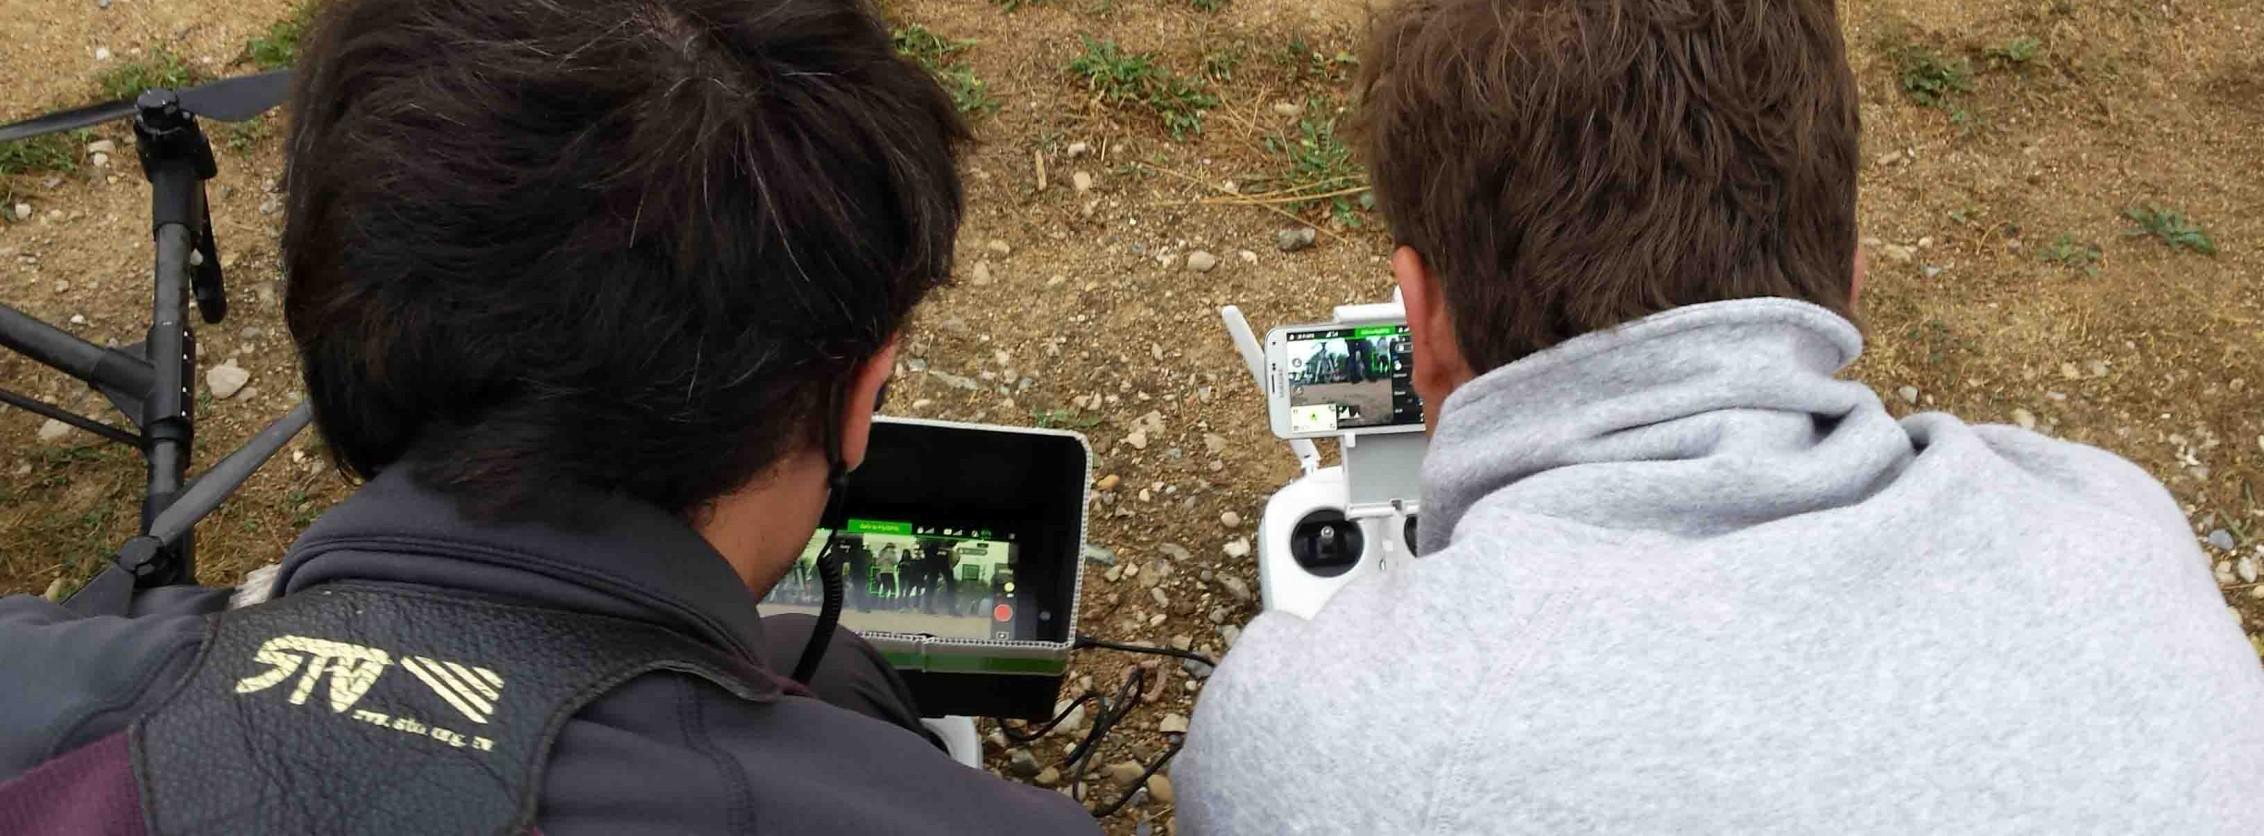 Télépilotes drone avec retour vidéo sur radiocommande